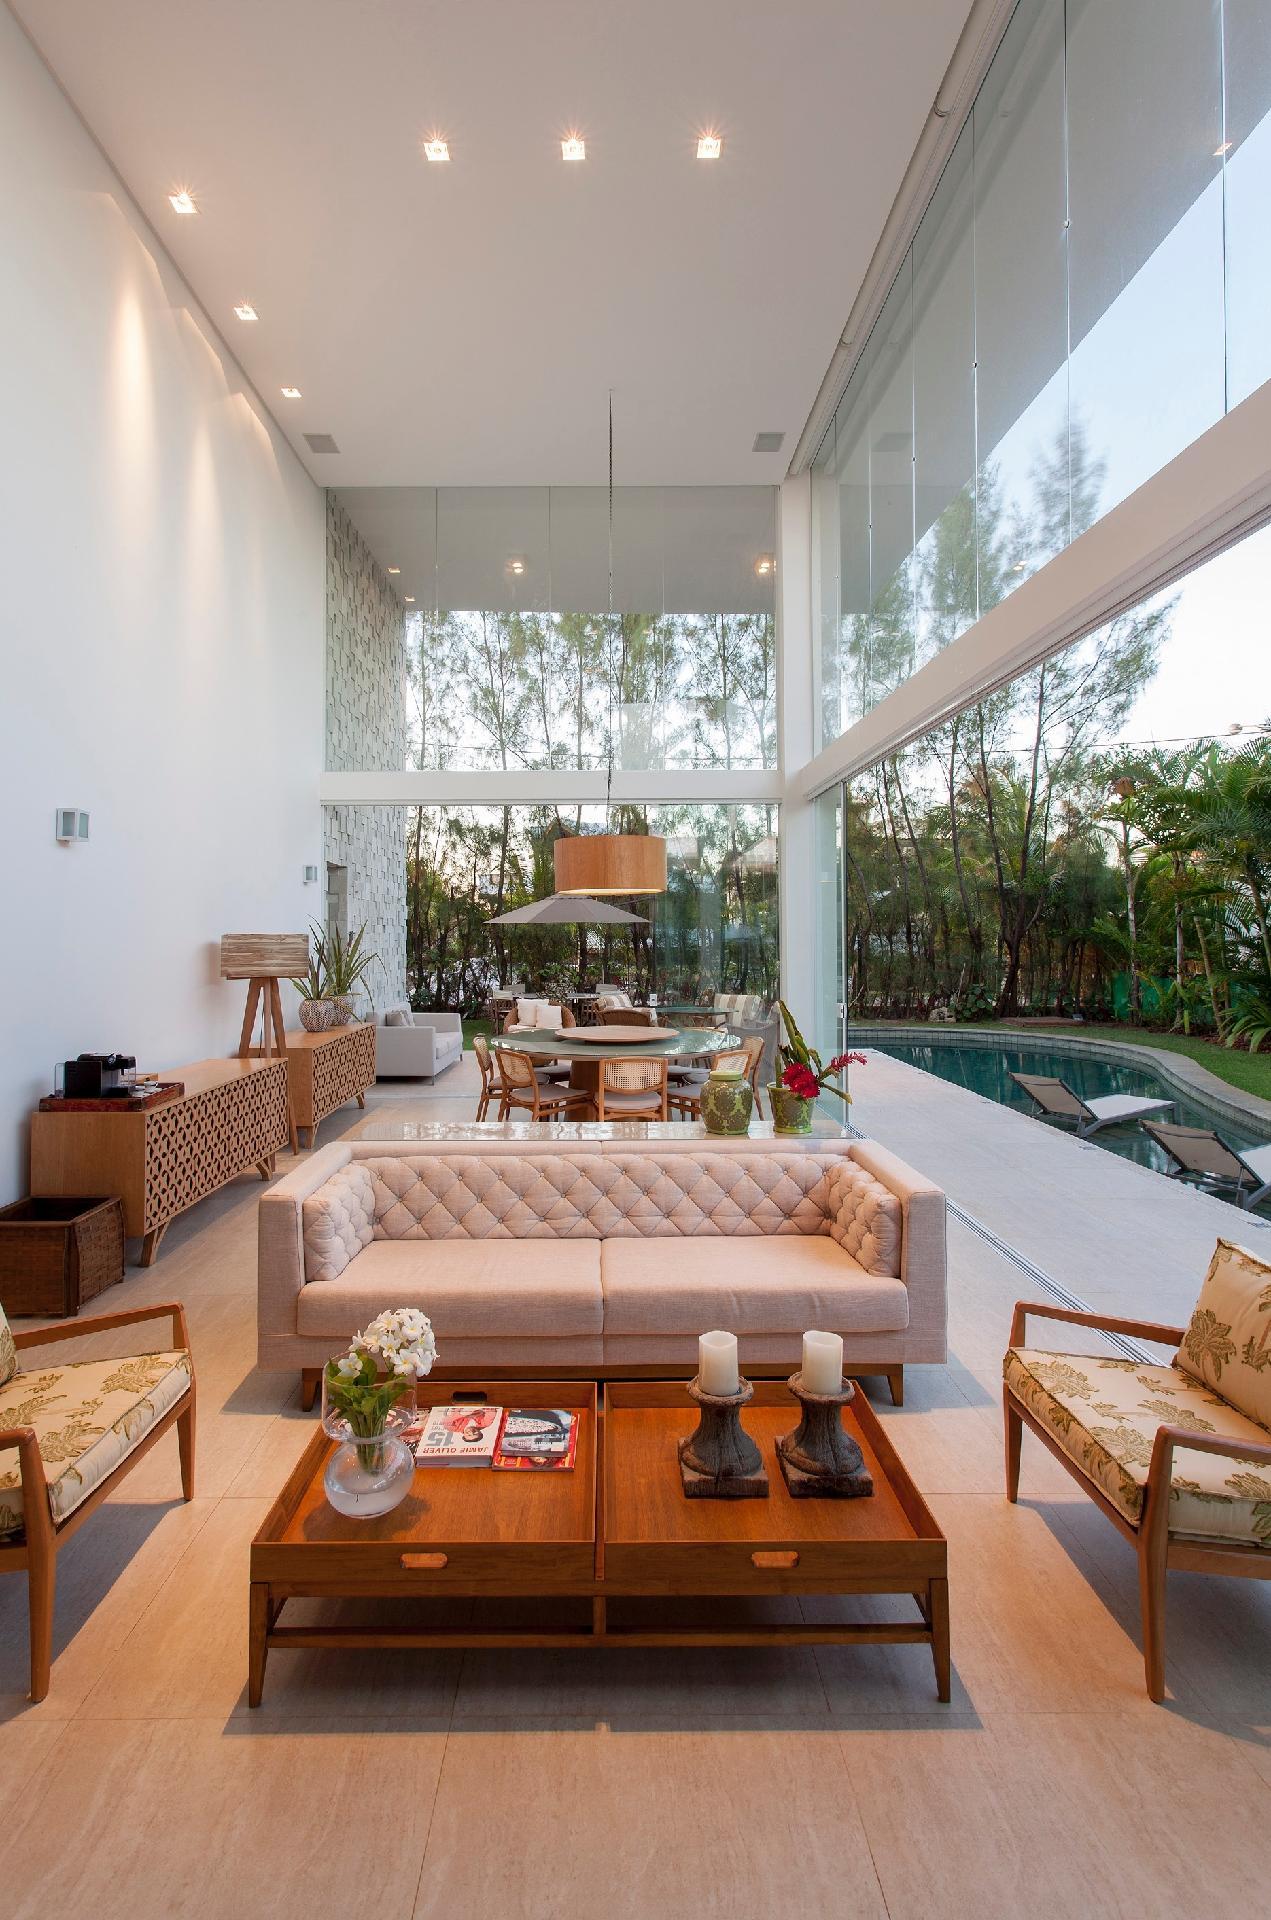 Fotos de salas de estar ideias para decorar salas de for Fotos de sala de estar